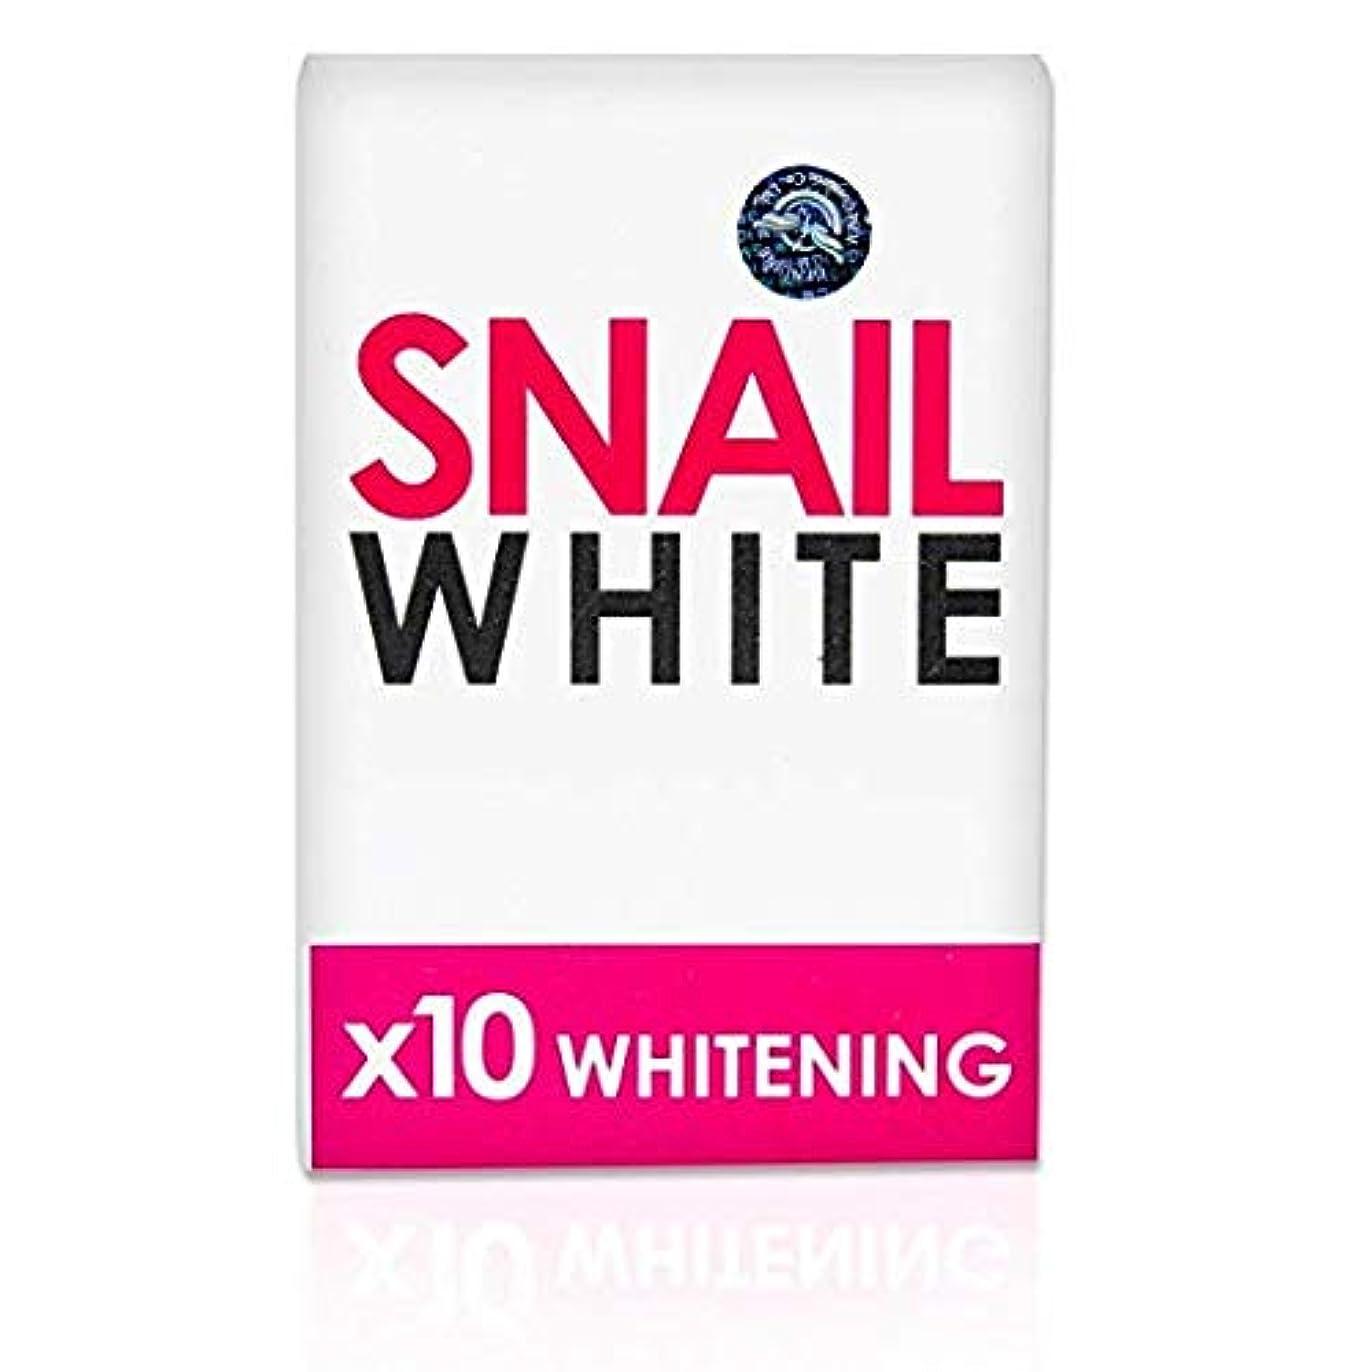 安らぎ節約する桃スネイルホワイト Gluta Snail White x10 Whitening by Dream ホワイトニング 固形石鹸 2個